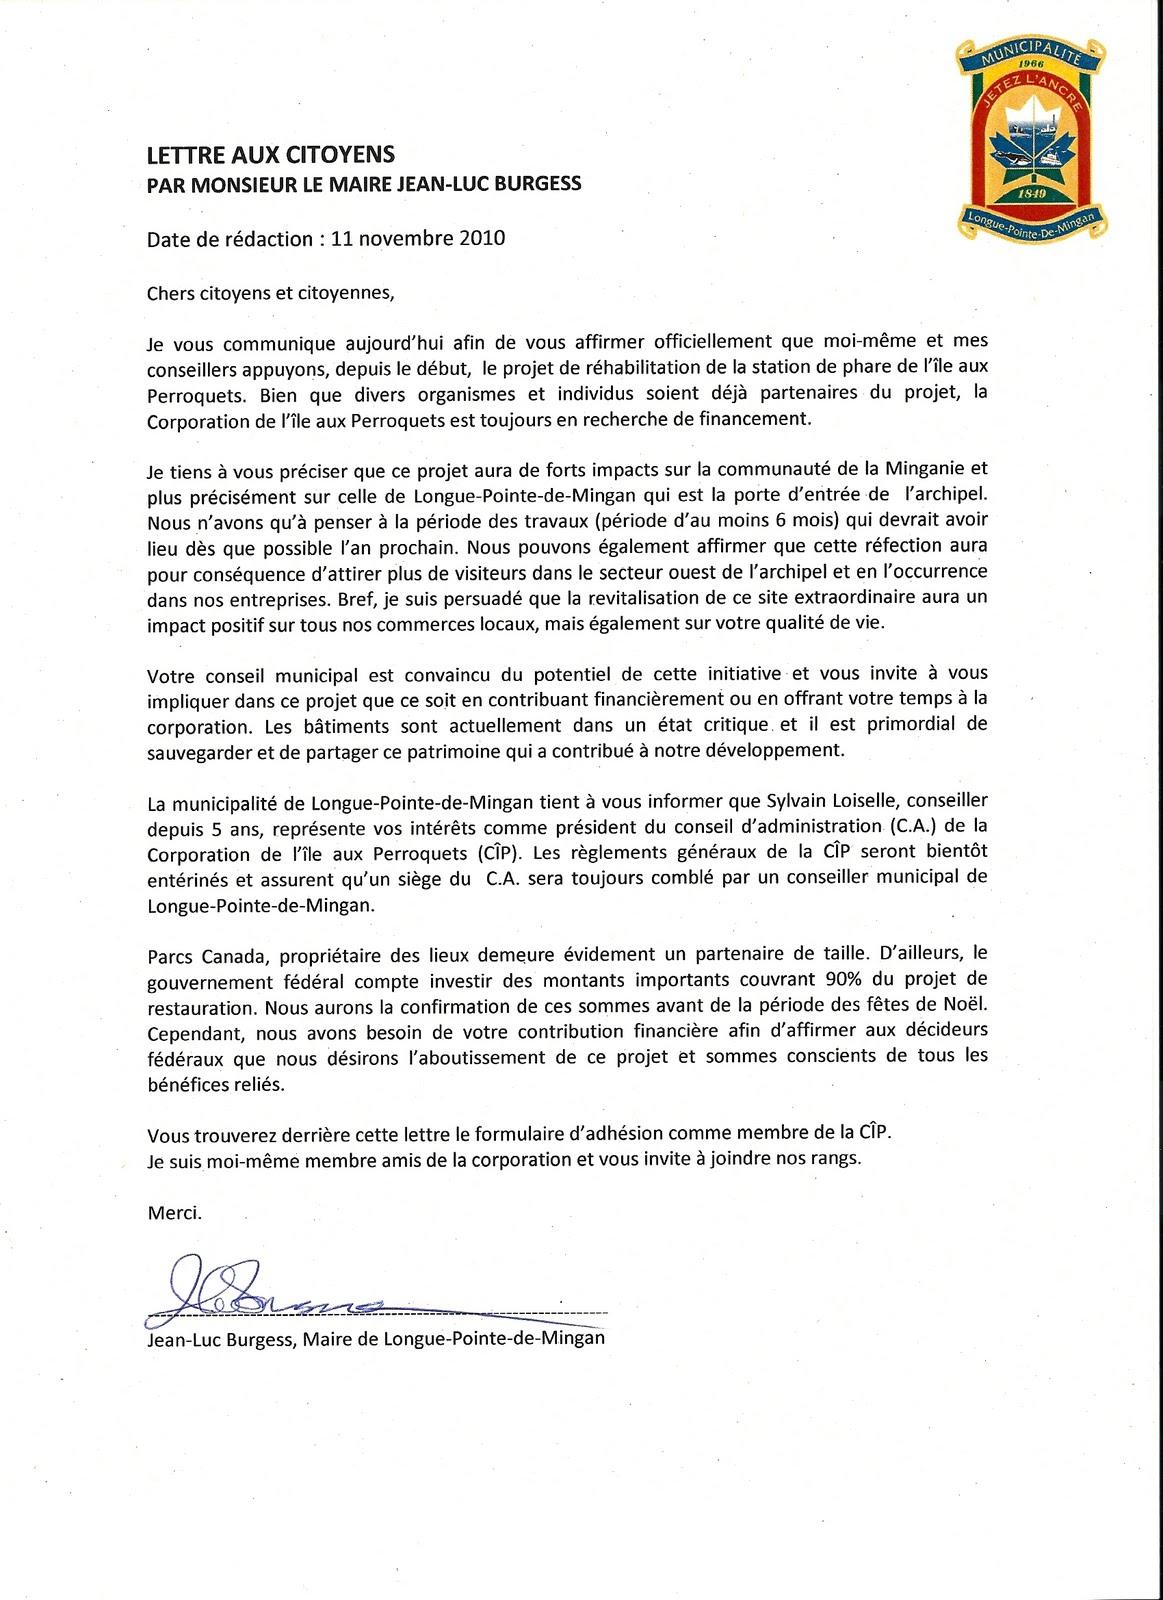 Corporation De L Ile Aux Perroquets Lettre D Appui De Monsieur Le